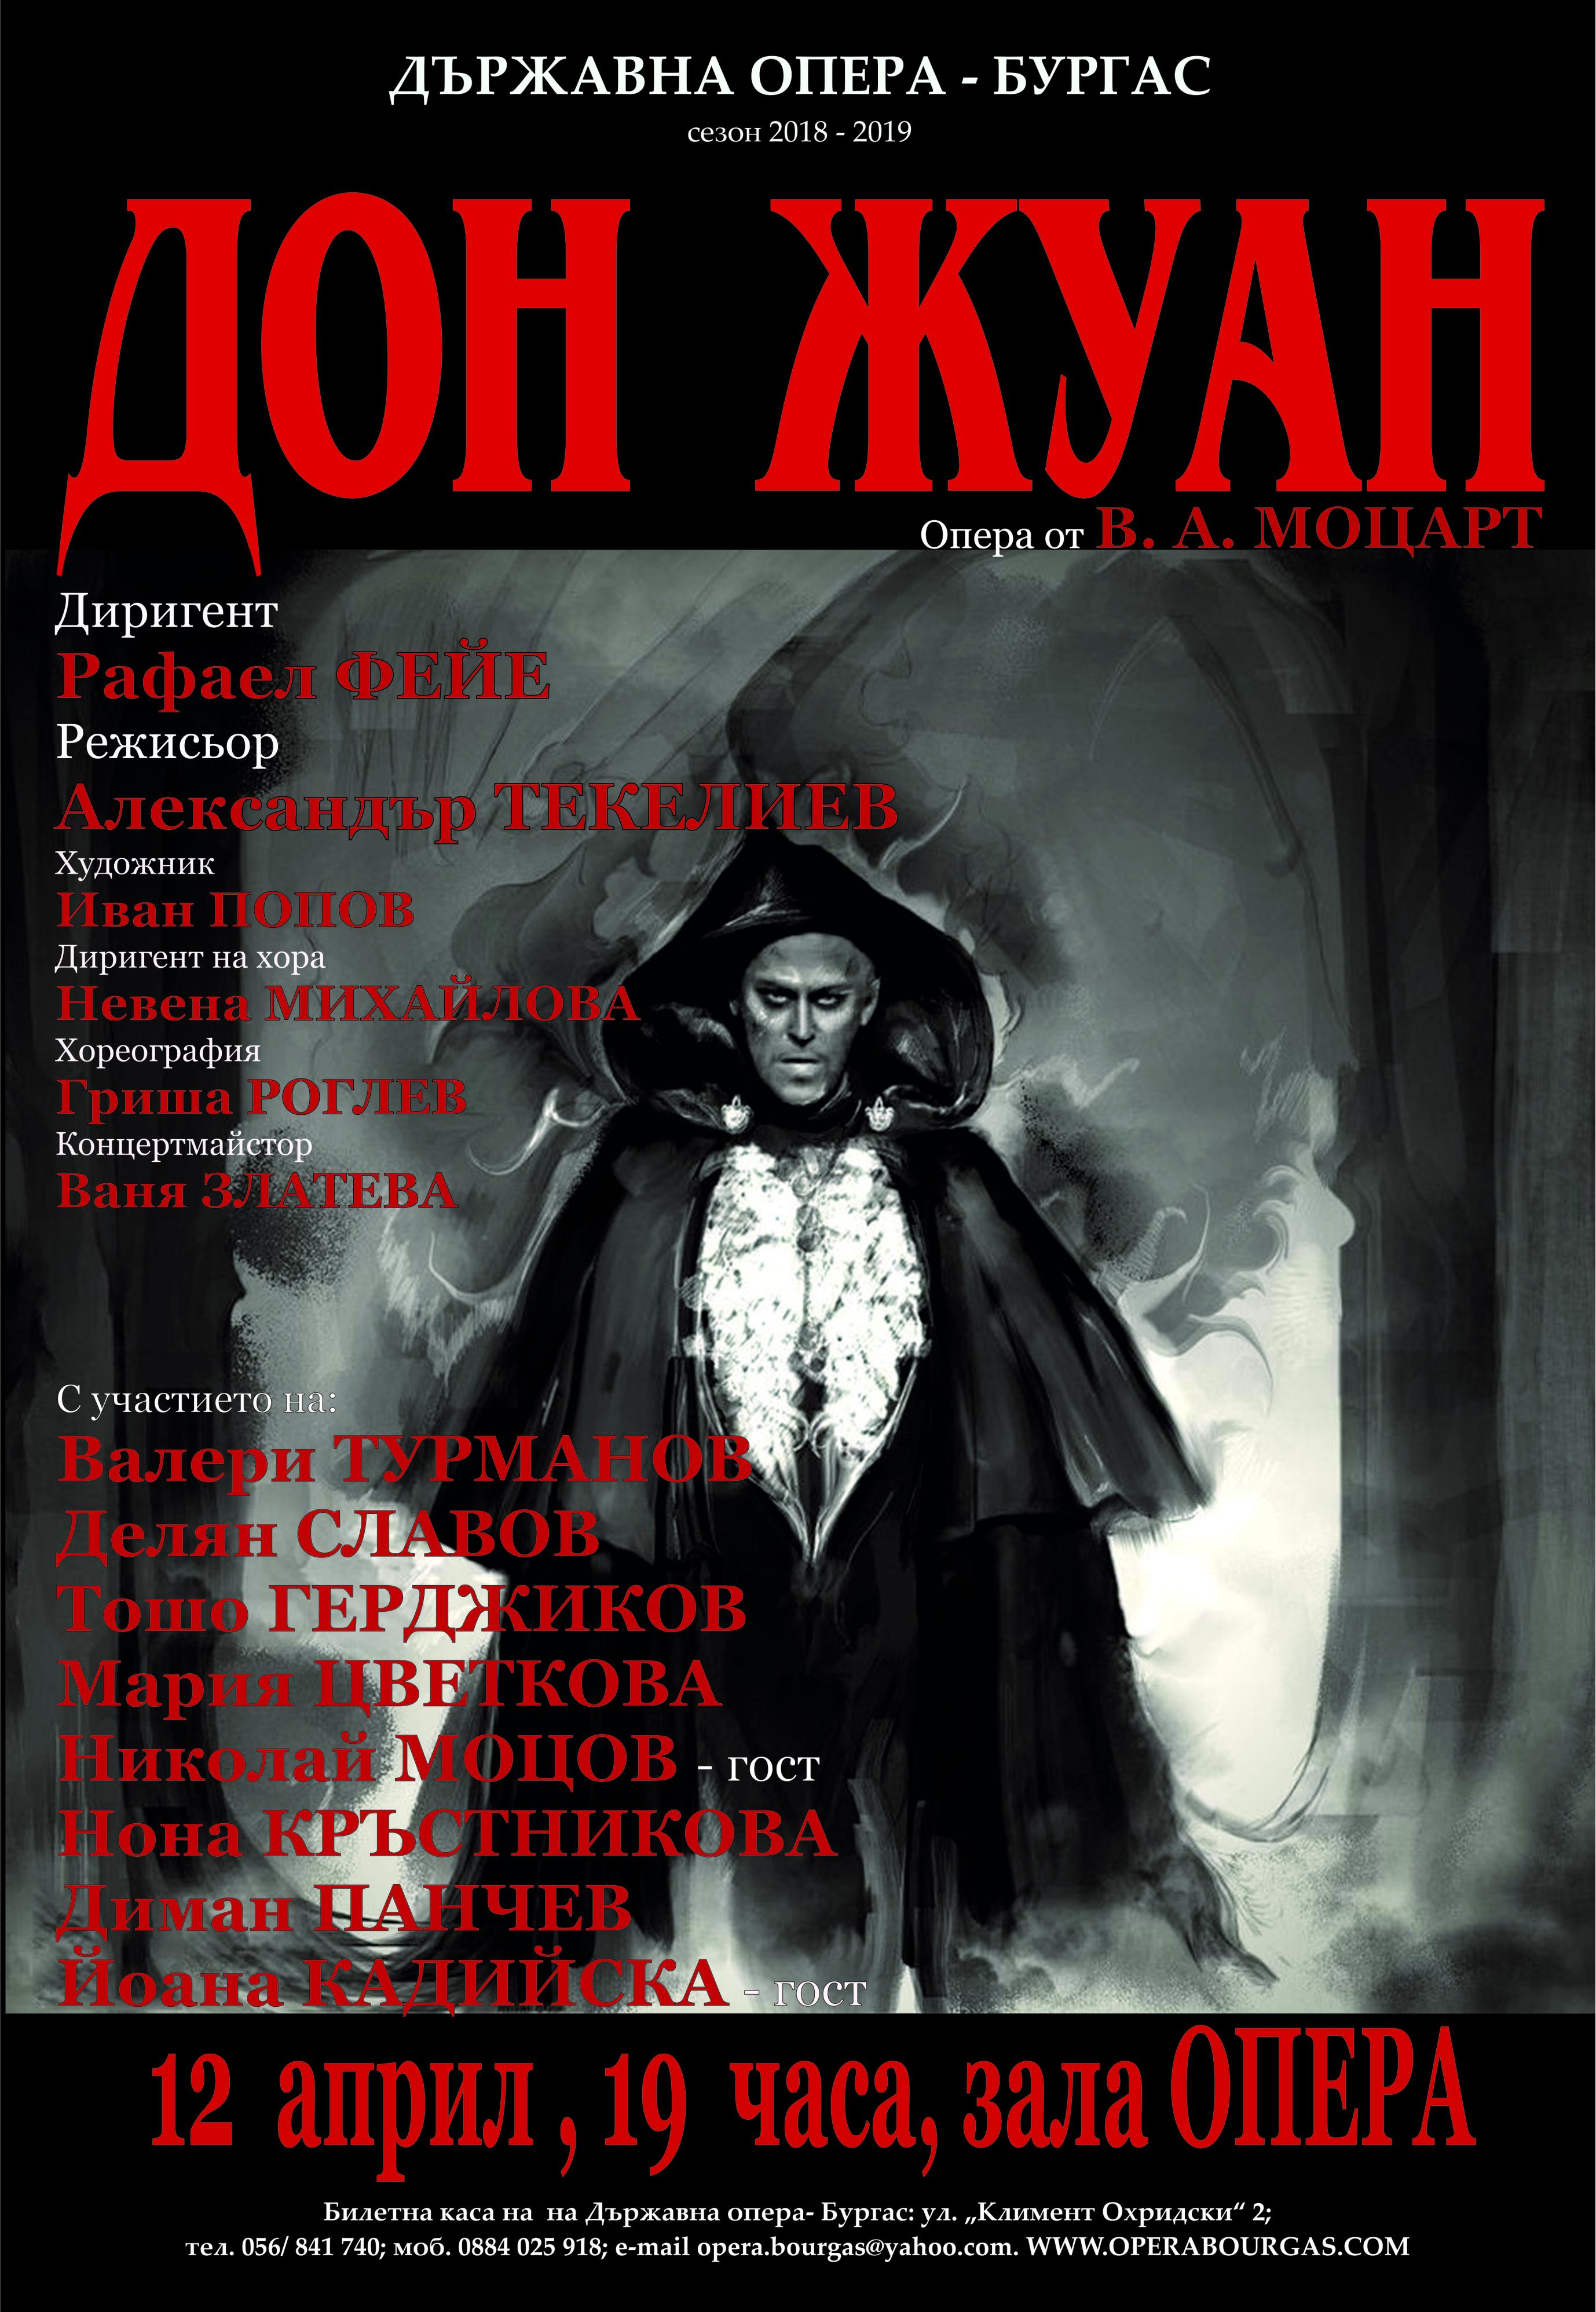 Историята на Дон Жуан оживява в бургаската операта